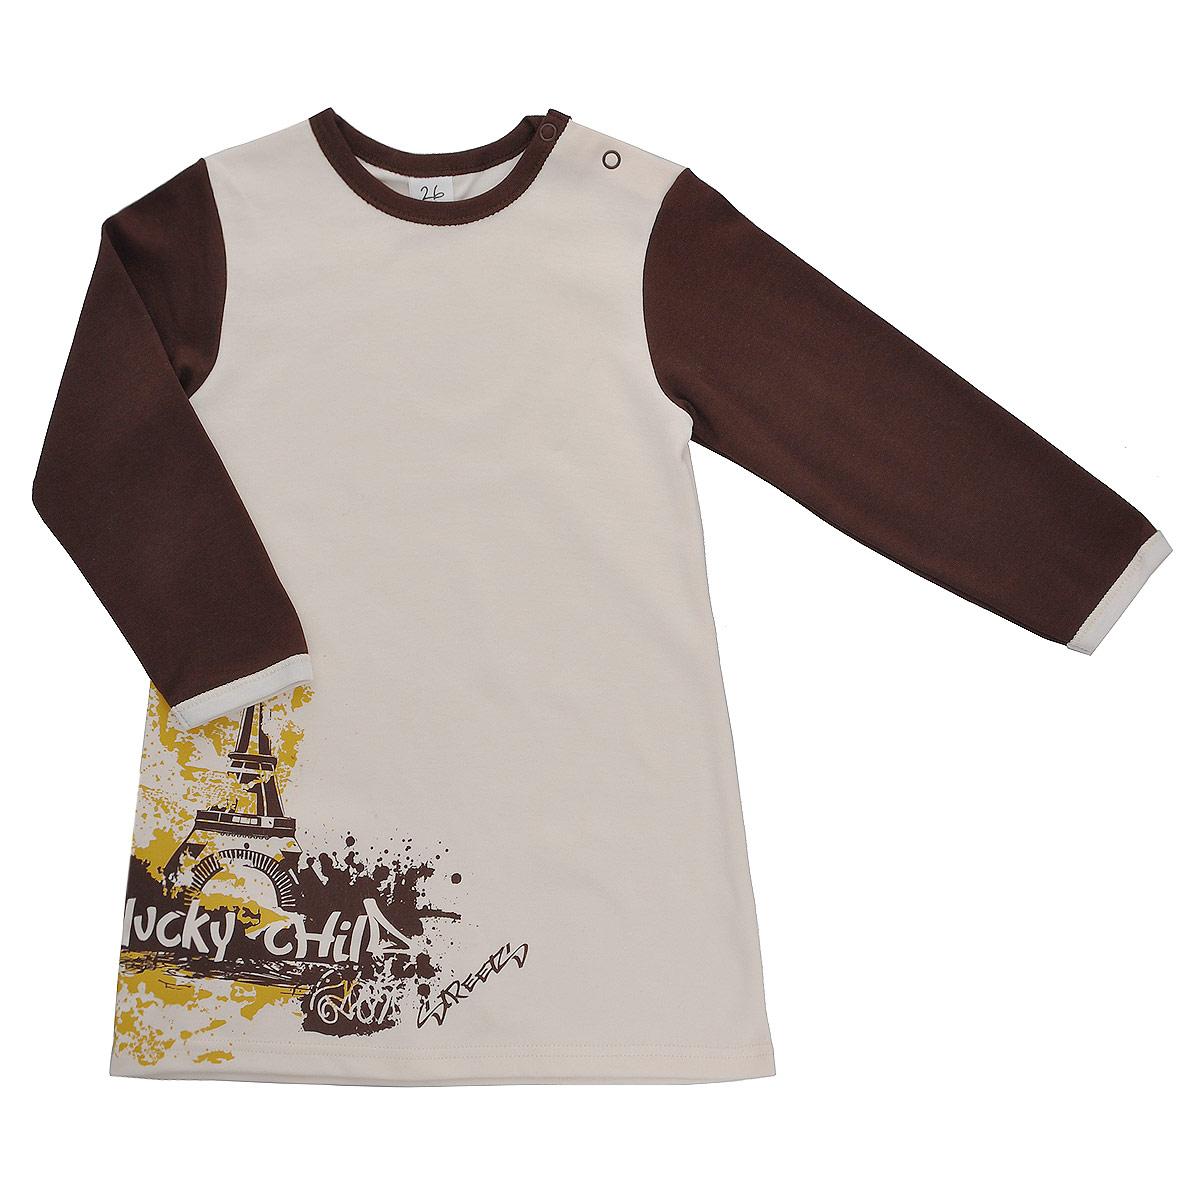 Платье16-6Платье для девочки Lucky Child Город послужит идеальным дополнением к гардеробу вашей малышки, обеспечивая ей наибольший комфорт. Изготовленное из натурального хлопка, оно необычайно мягкое и легкое, не раздражает нежную кожу ребенка и хорошо вентилируется, а эластичные швы приятны телу ребенка и не препятствуют его движениям. Платье с длинными рукавами и круглым врезом горловины имеет кнопки по плечу, которые позволяют без труда переодеть малышку. Спереди оно оформлено оригинальным «городским» принтом. Платье полностью соответствует особенностям жизни ребенка в ранний период, не стесняя и не ограничивая его в движениях.